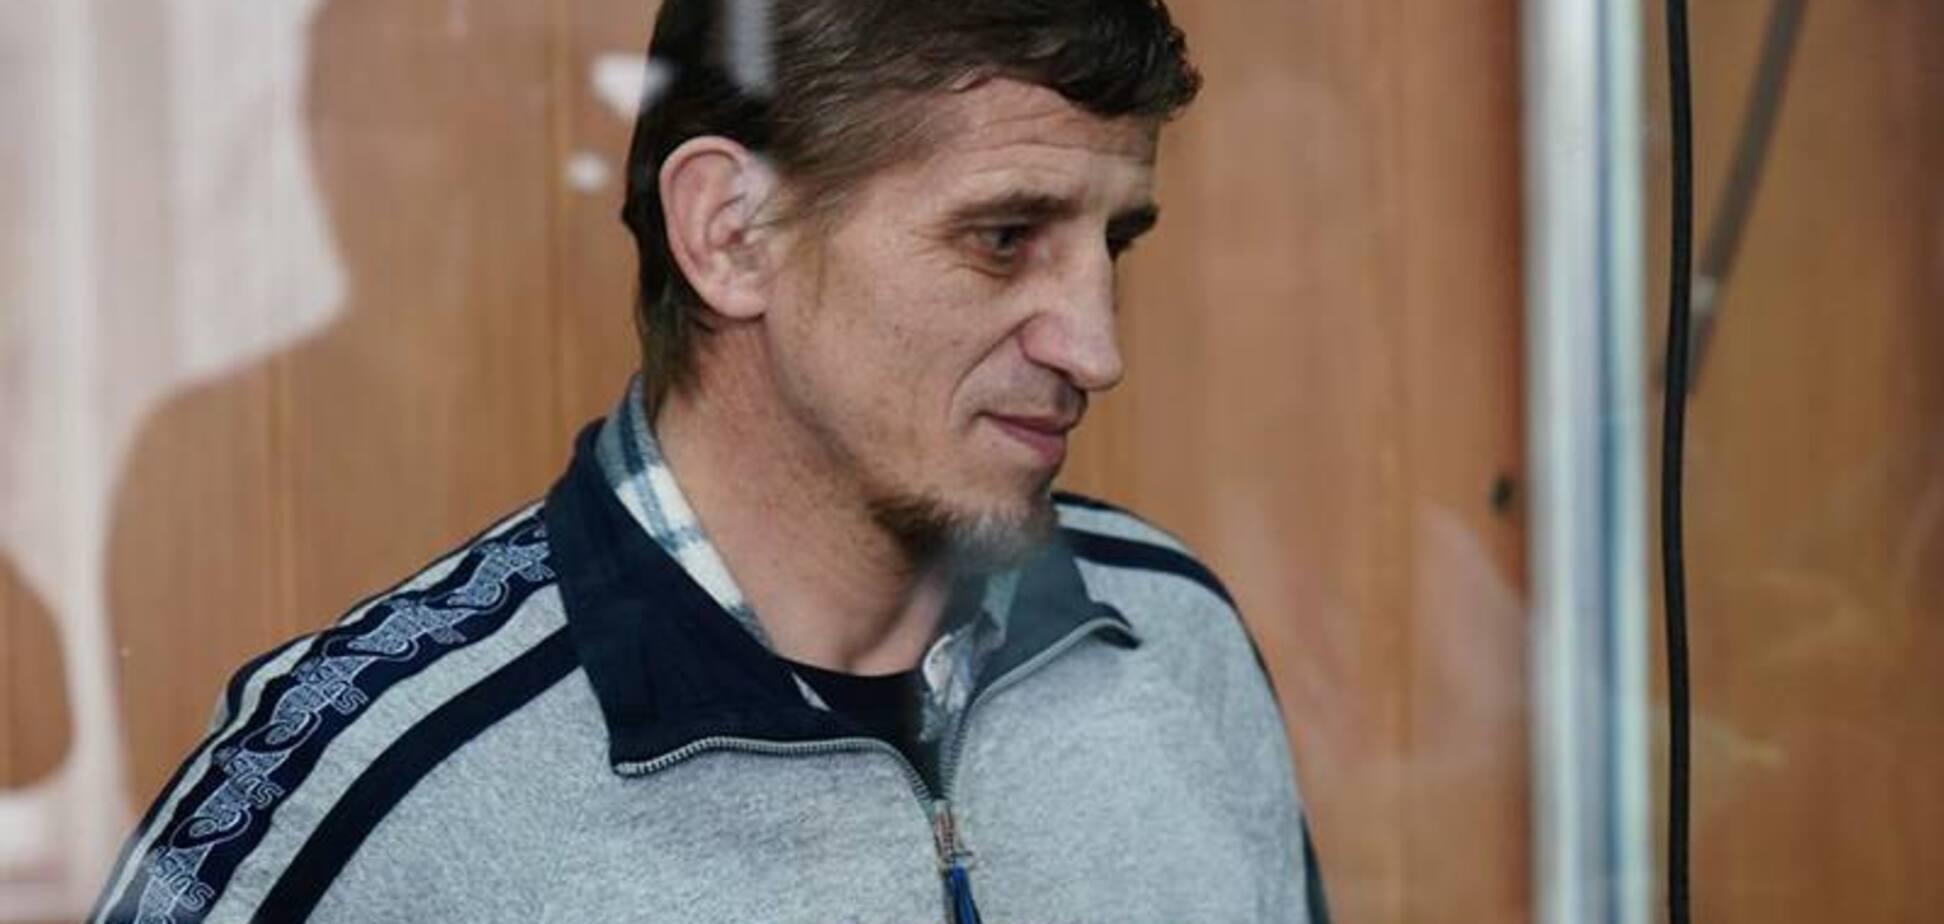 Вбивство співробітниці СІЗО в Одесі: обвинувачений зробив несподіване зізнання